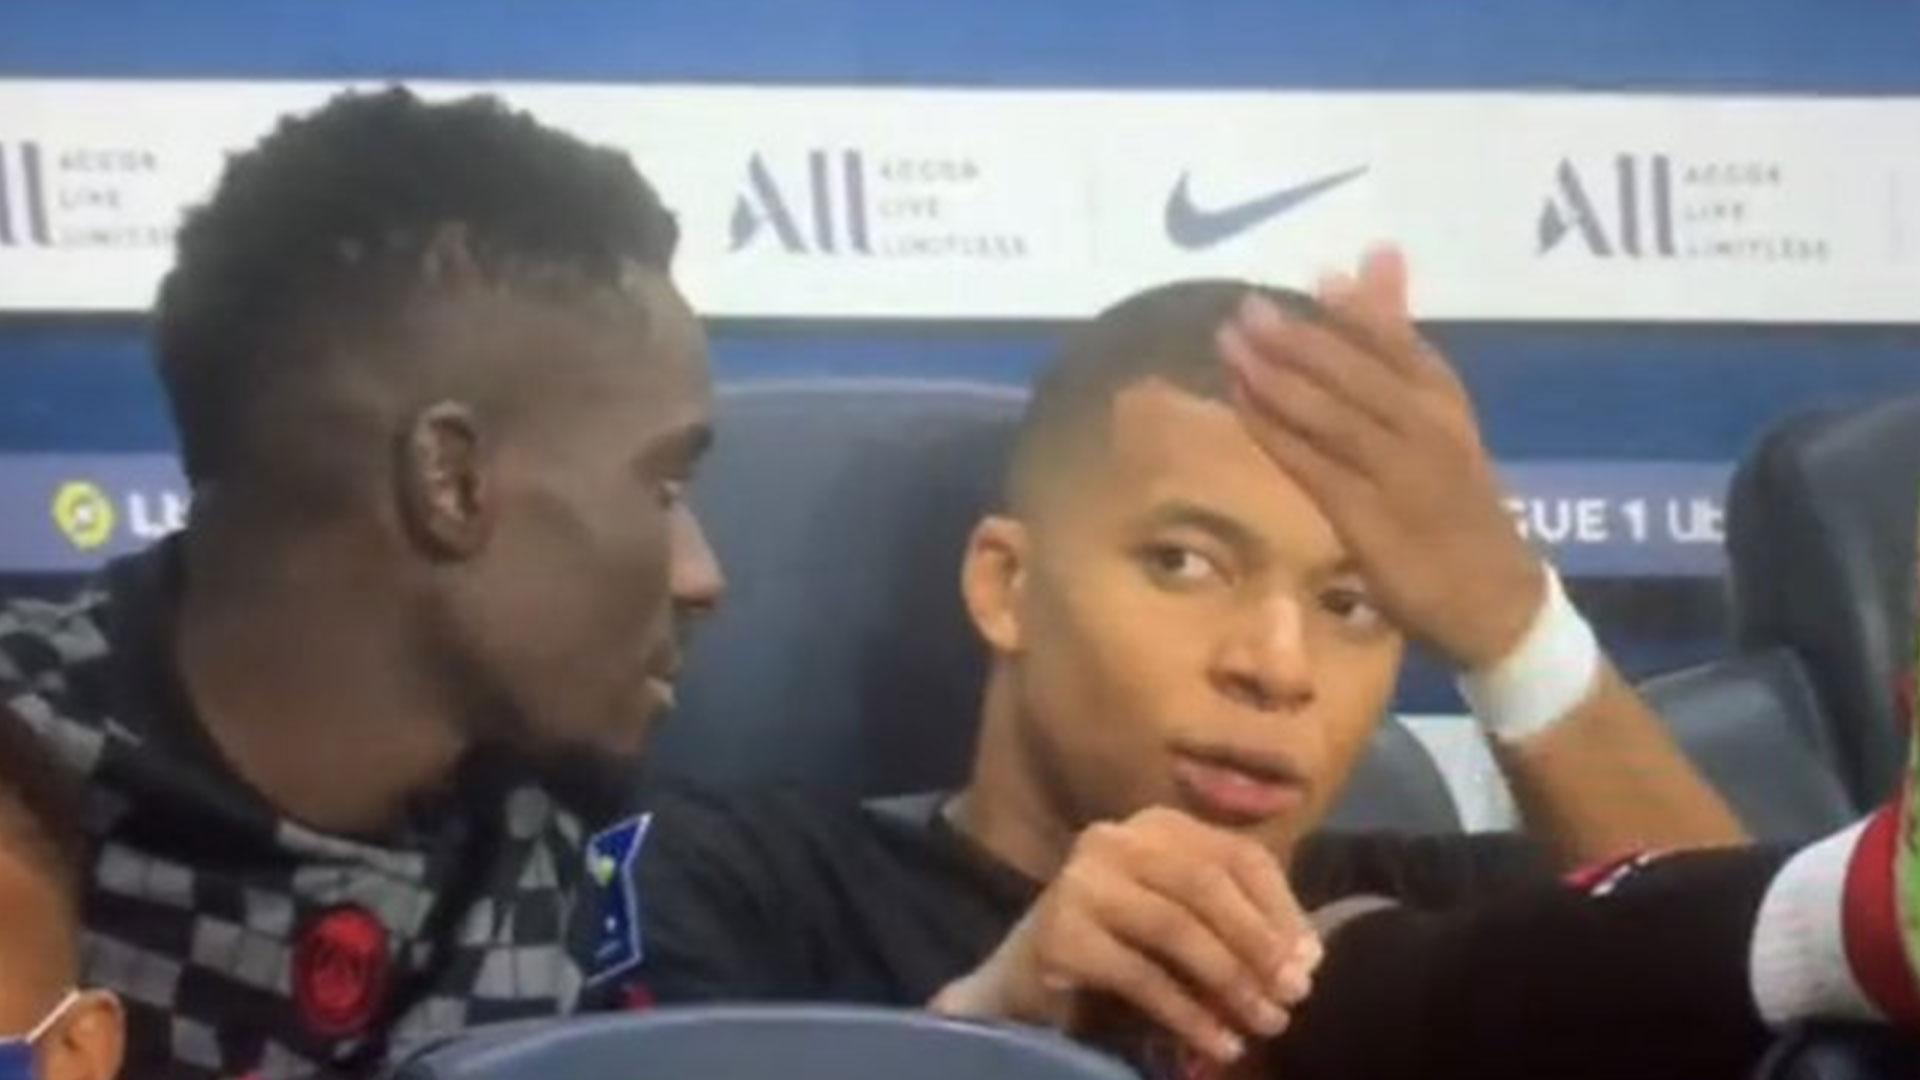 Sorprenden a Mbappé quejándose de que Neymar no le pasa el balón - prensa Libre